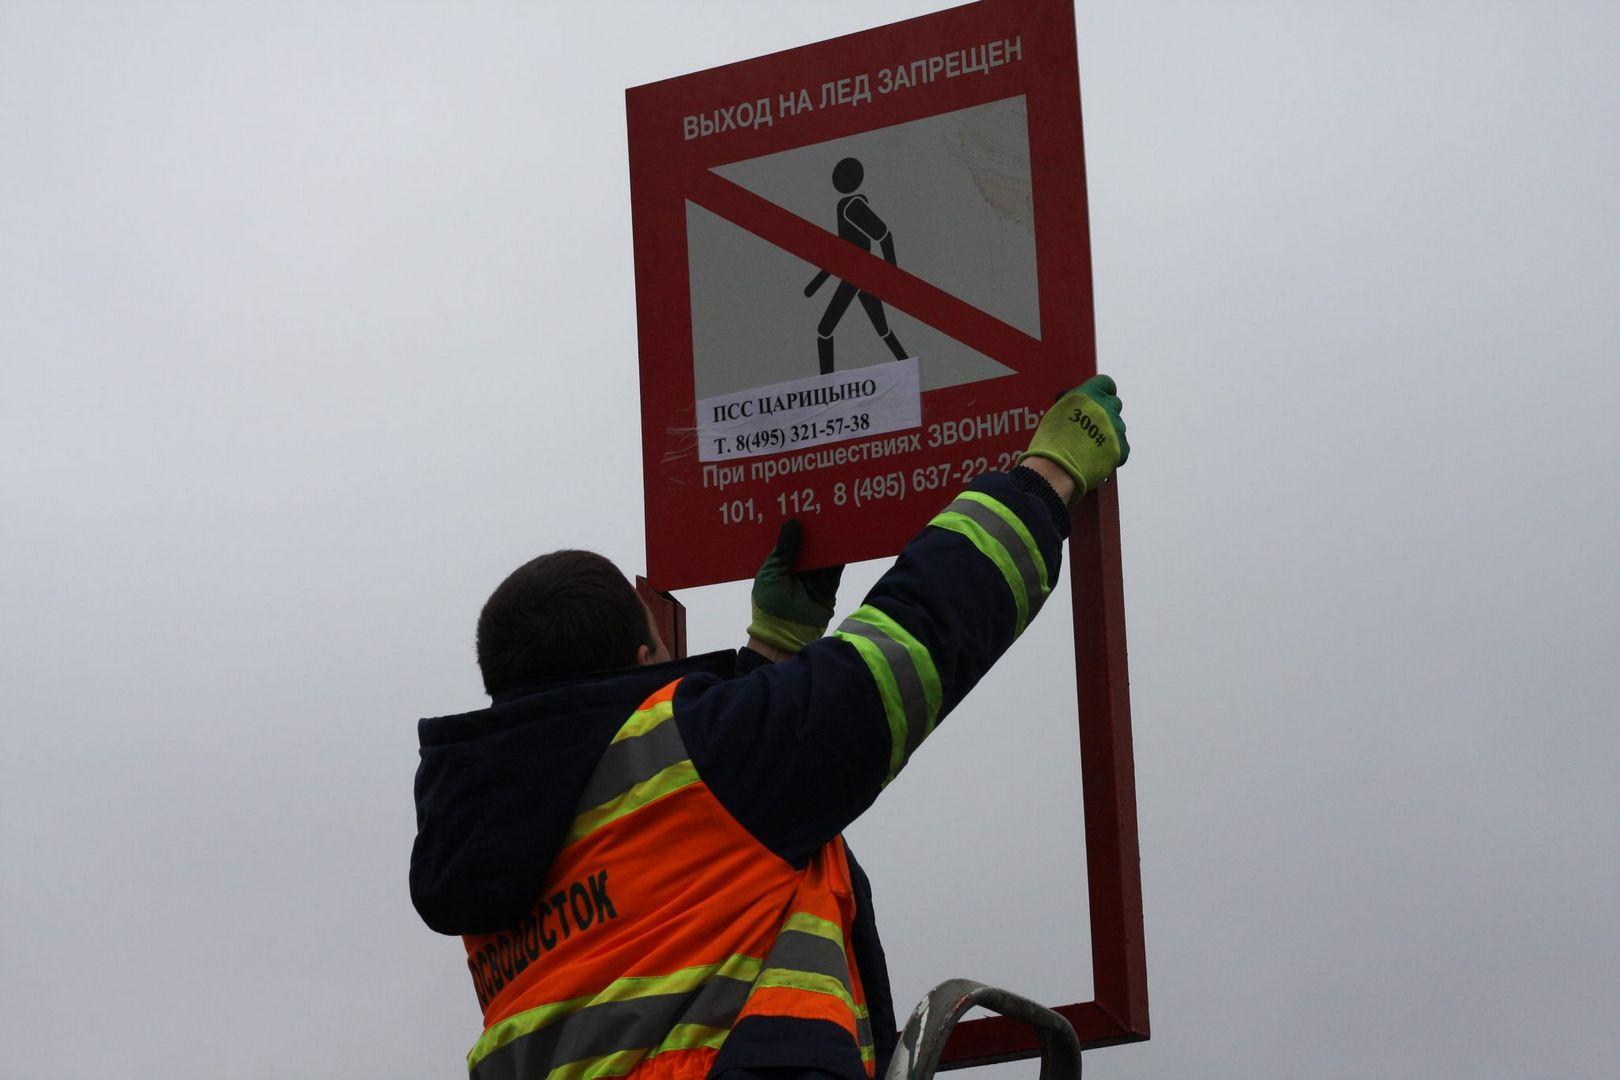 выход на лед запрещен, знак безопасности, рабочий